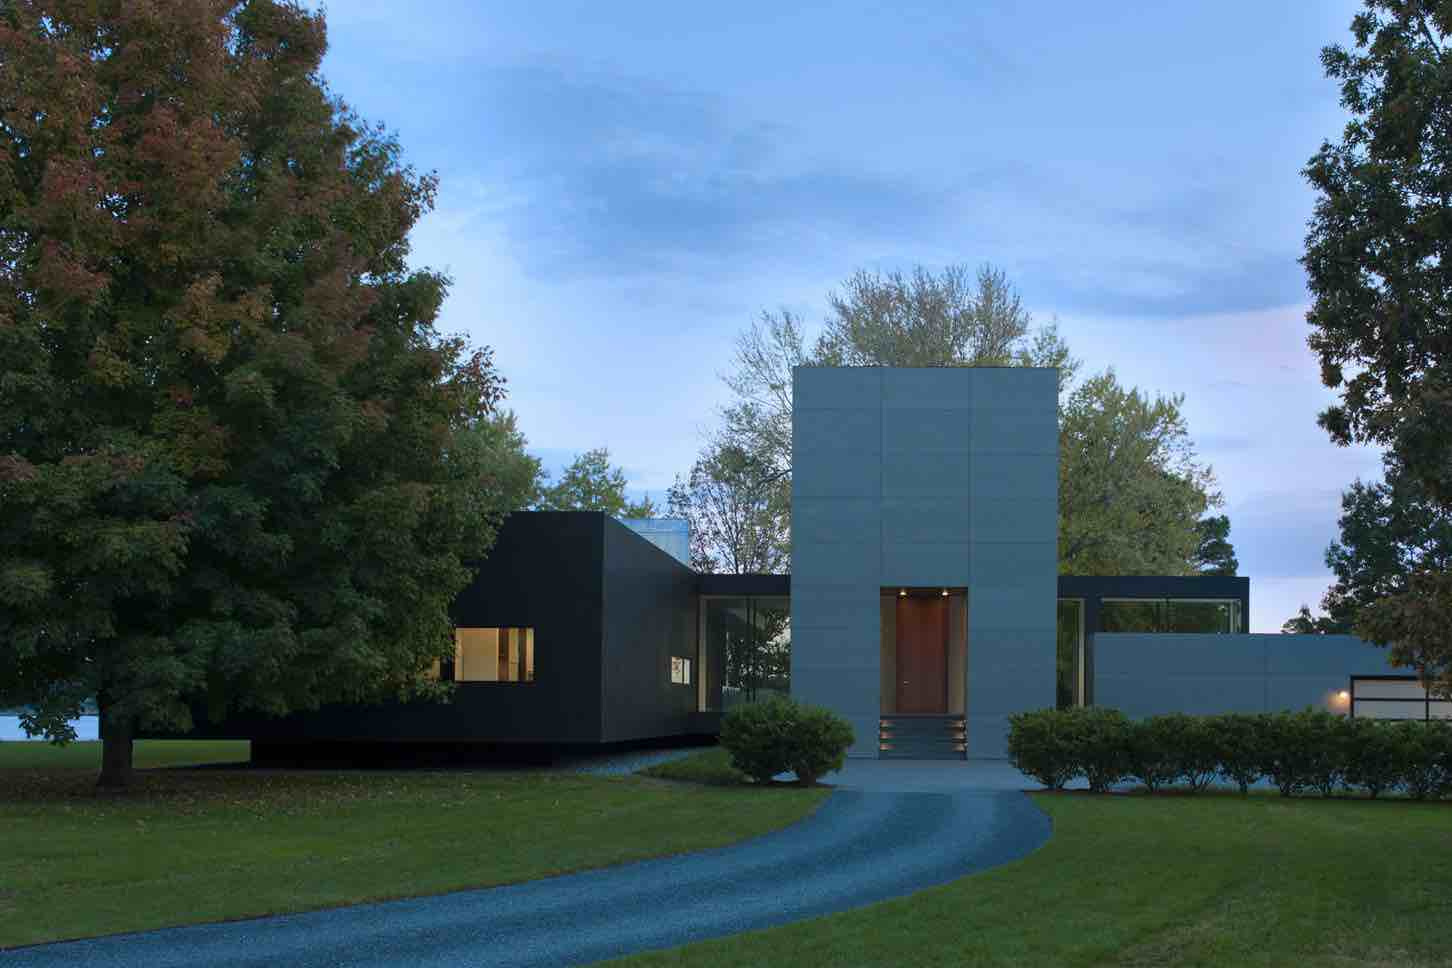 tred-avon-river-house-robert-m-gurney-architect_mackenzie-gurney-guttmanresidence-151